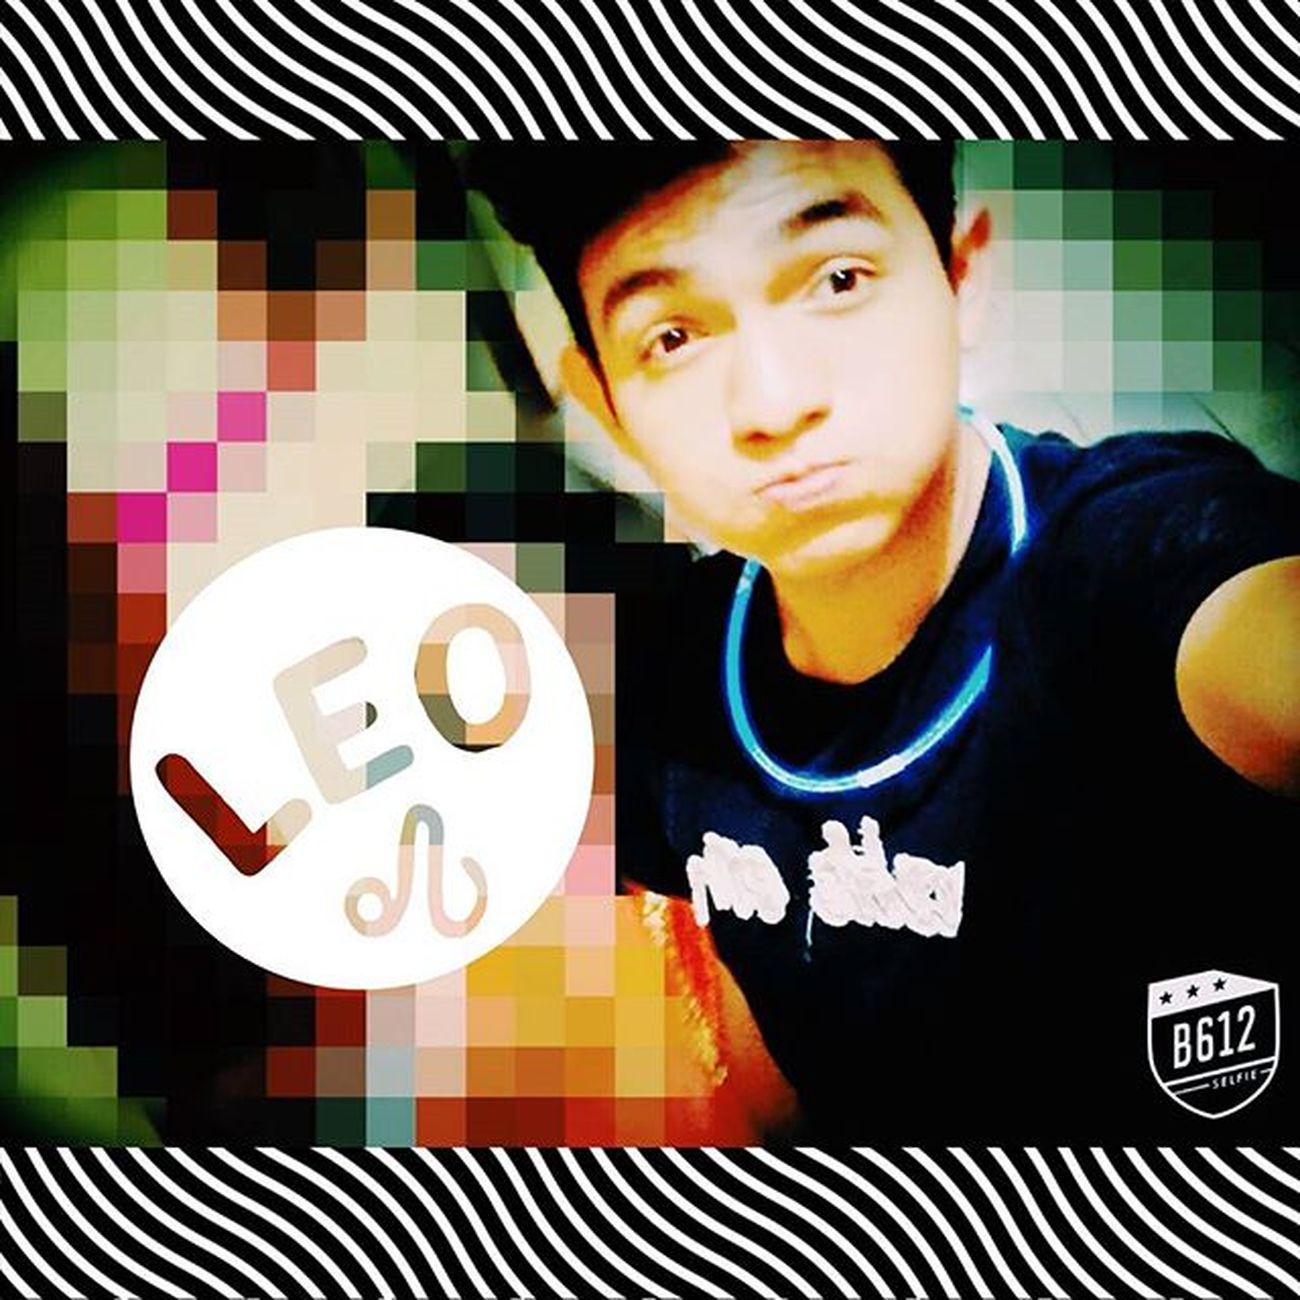 Holaaaa , hellooo Hahaha no tengo nada que hacer Holaaaa que hace ? Like Hahaha Alone Flojo